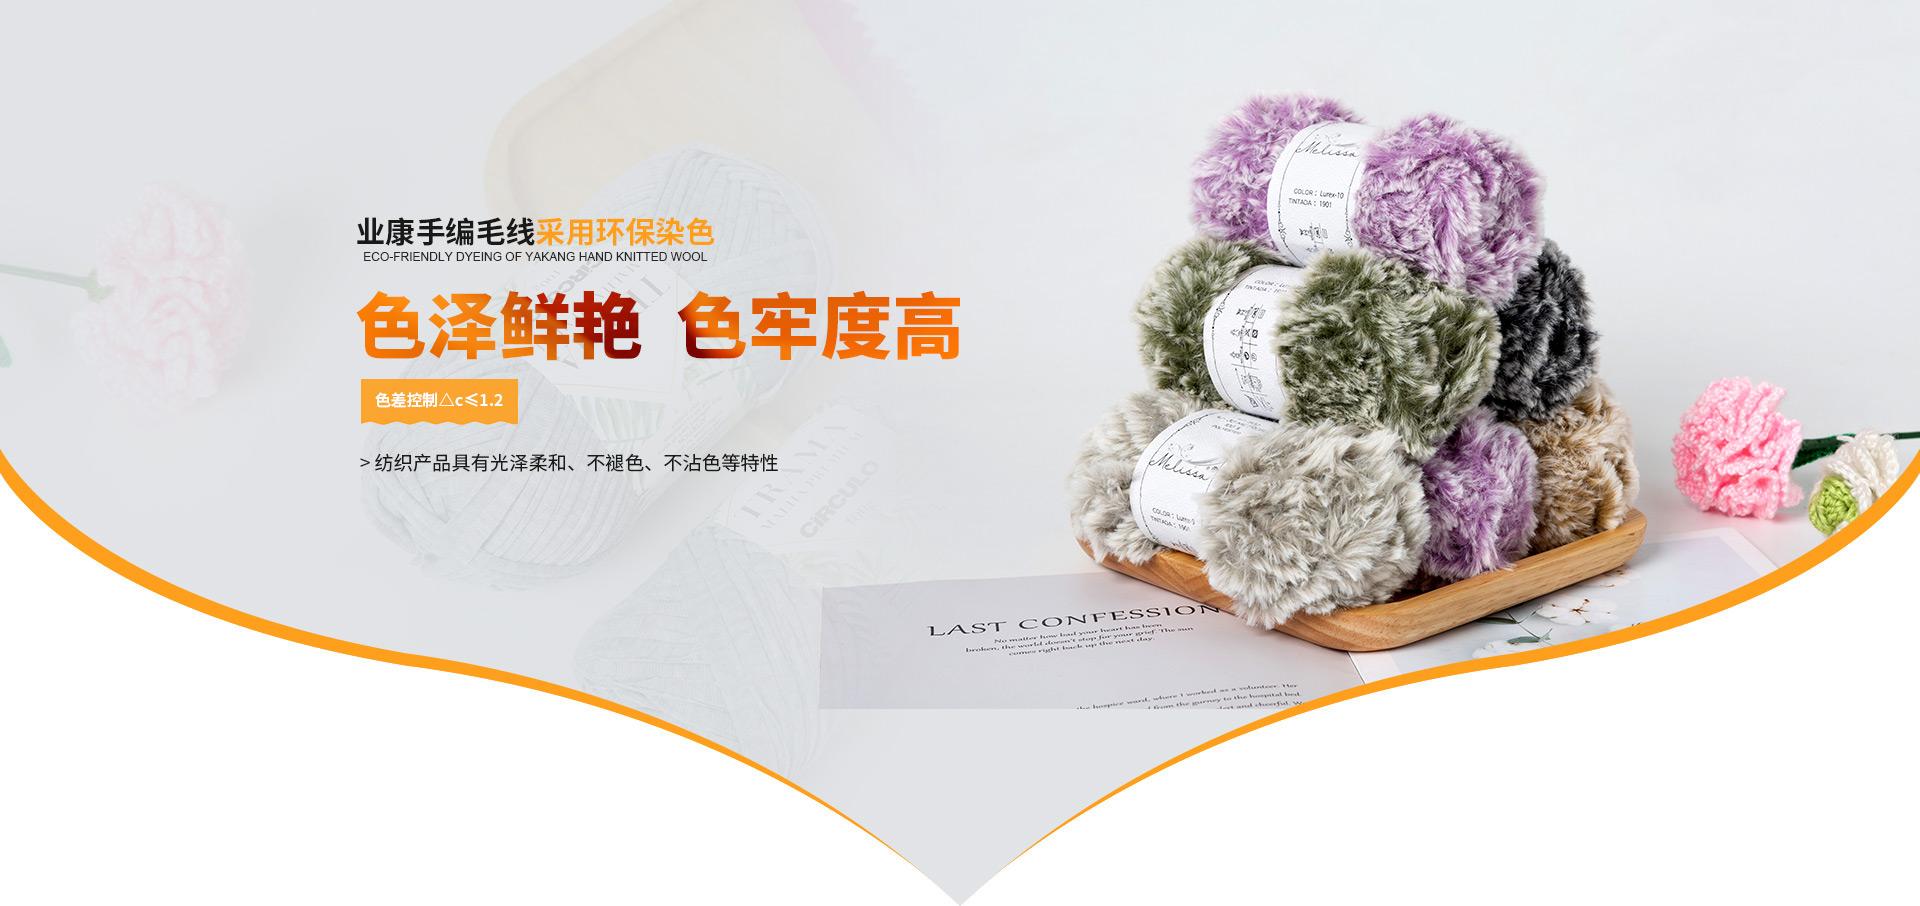 业康毛纺手编毛线采用环保染色